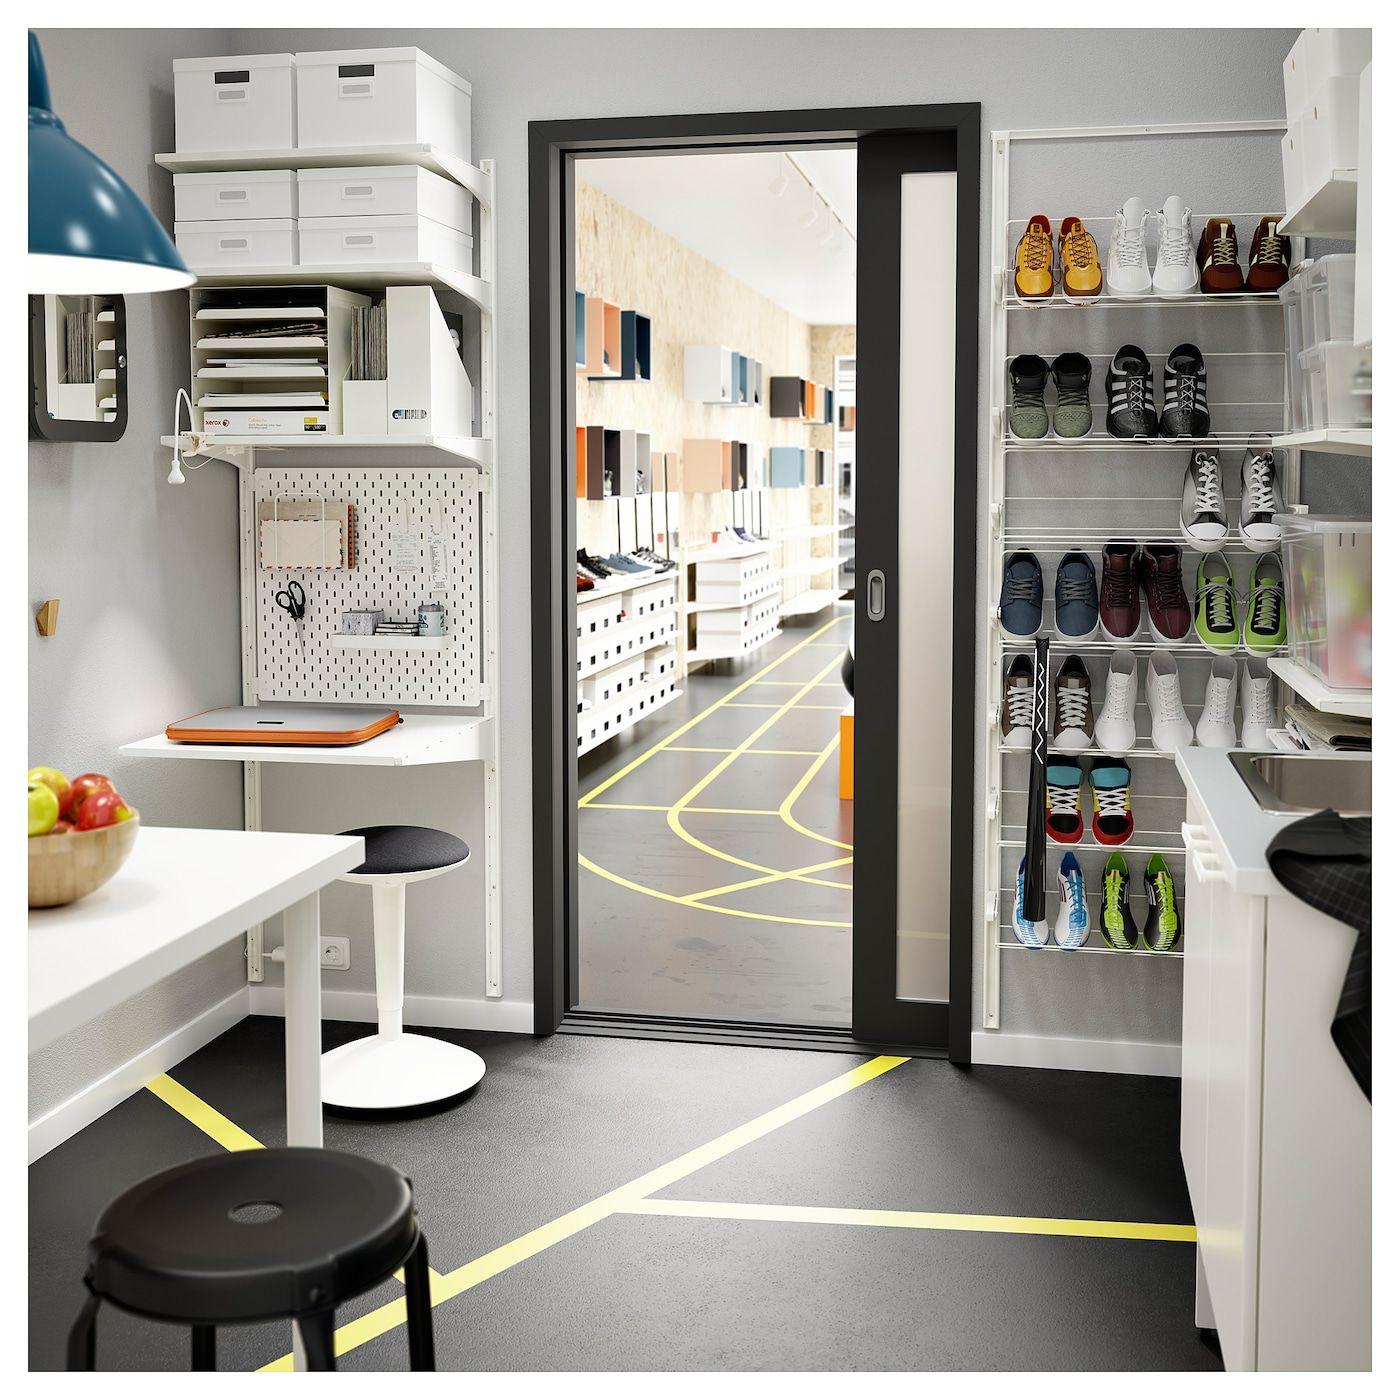 ALGOT Crémaillère/organiseur chaussures - blanc - IKEA en 2020 | Ikea algot, Idées étagères ...